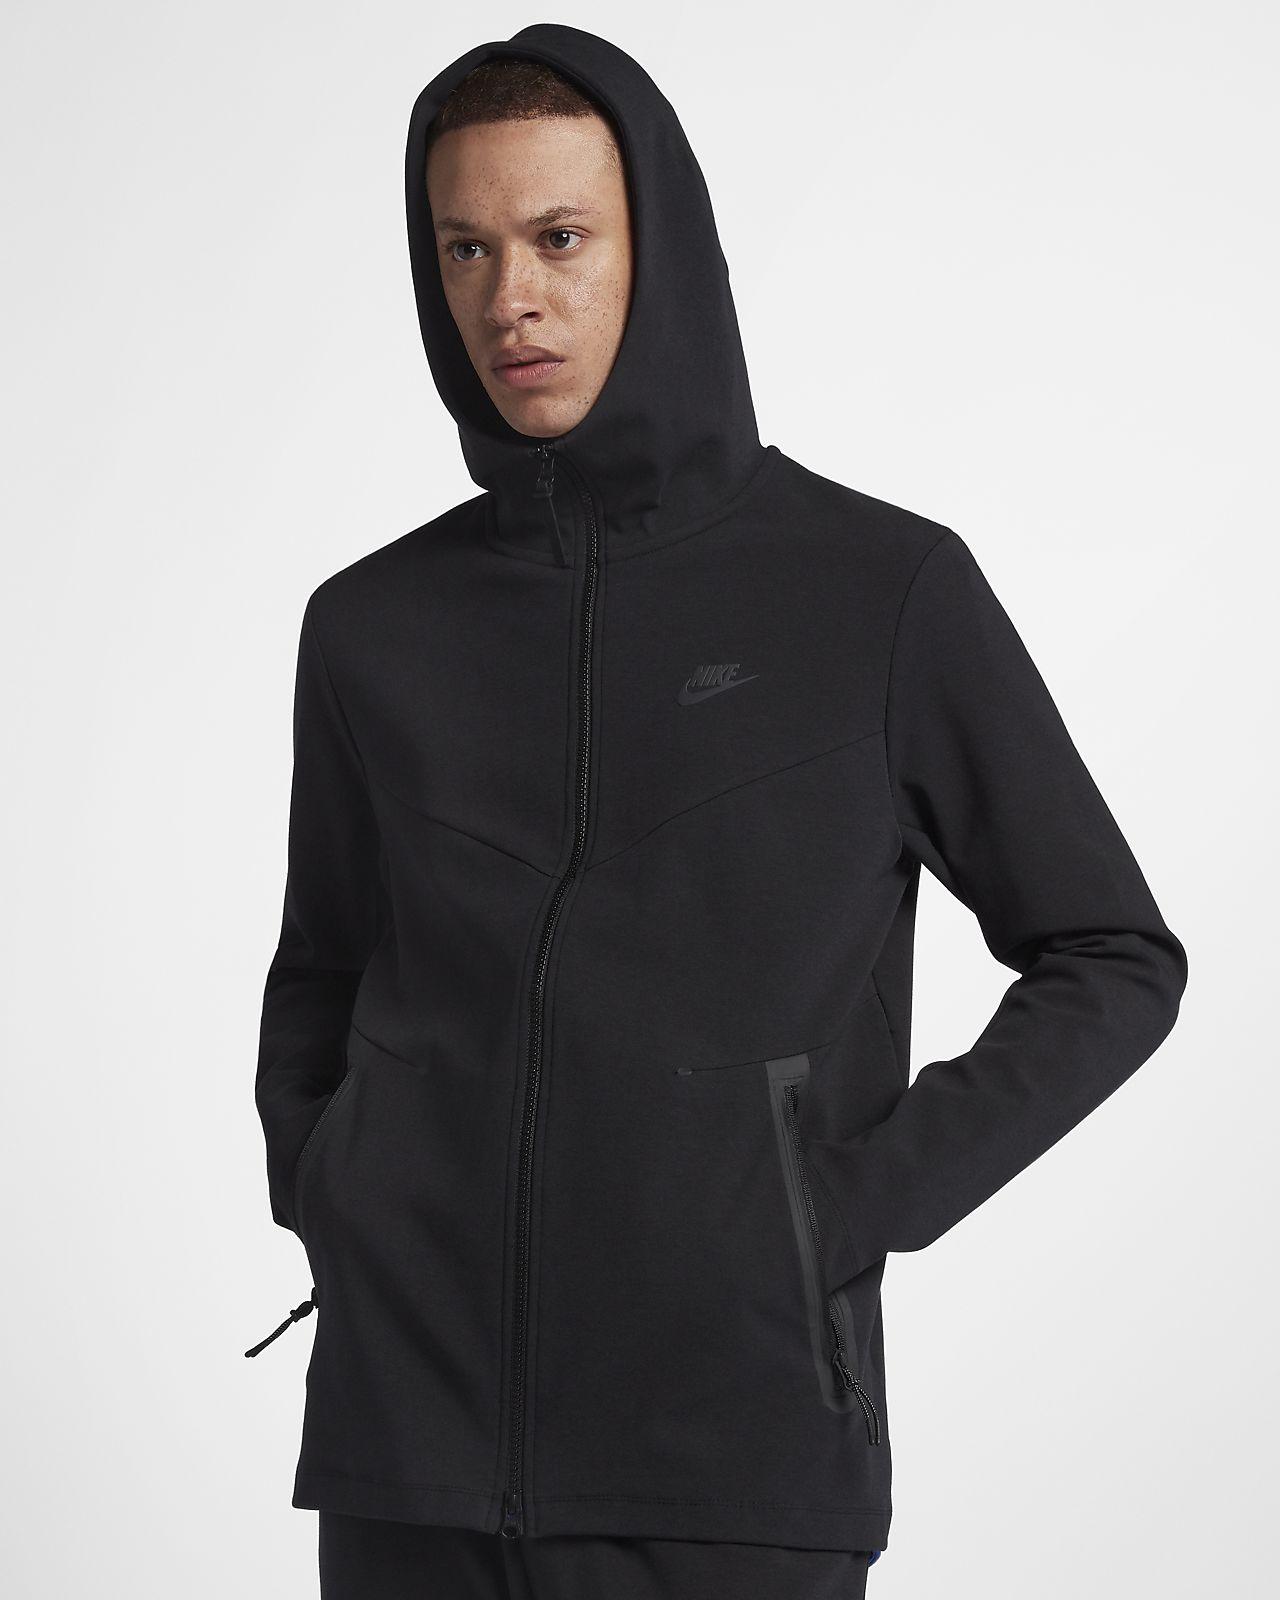 Ανδρική μπλούζα με κουκούλα και φερμουάρ Nike Sportswear Tech Pack